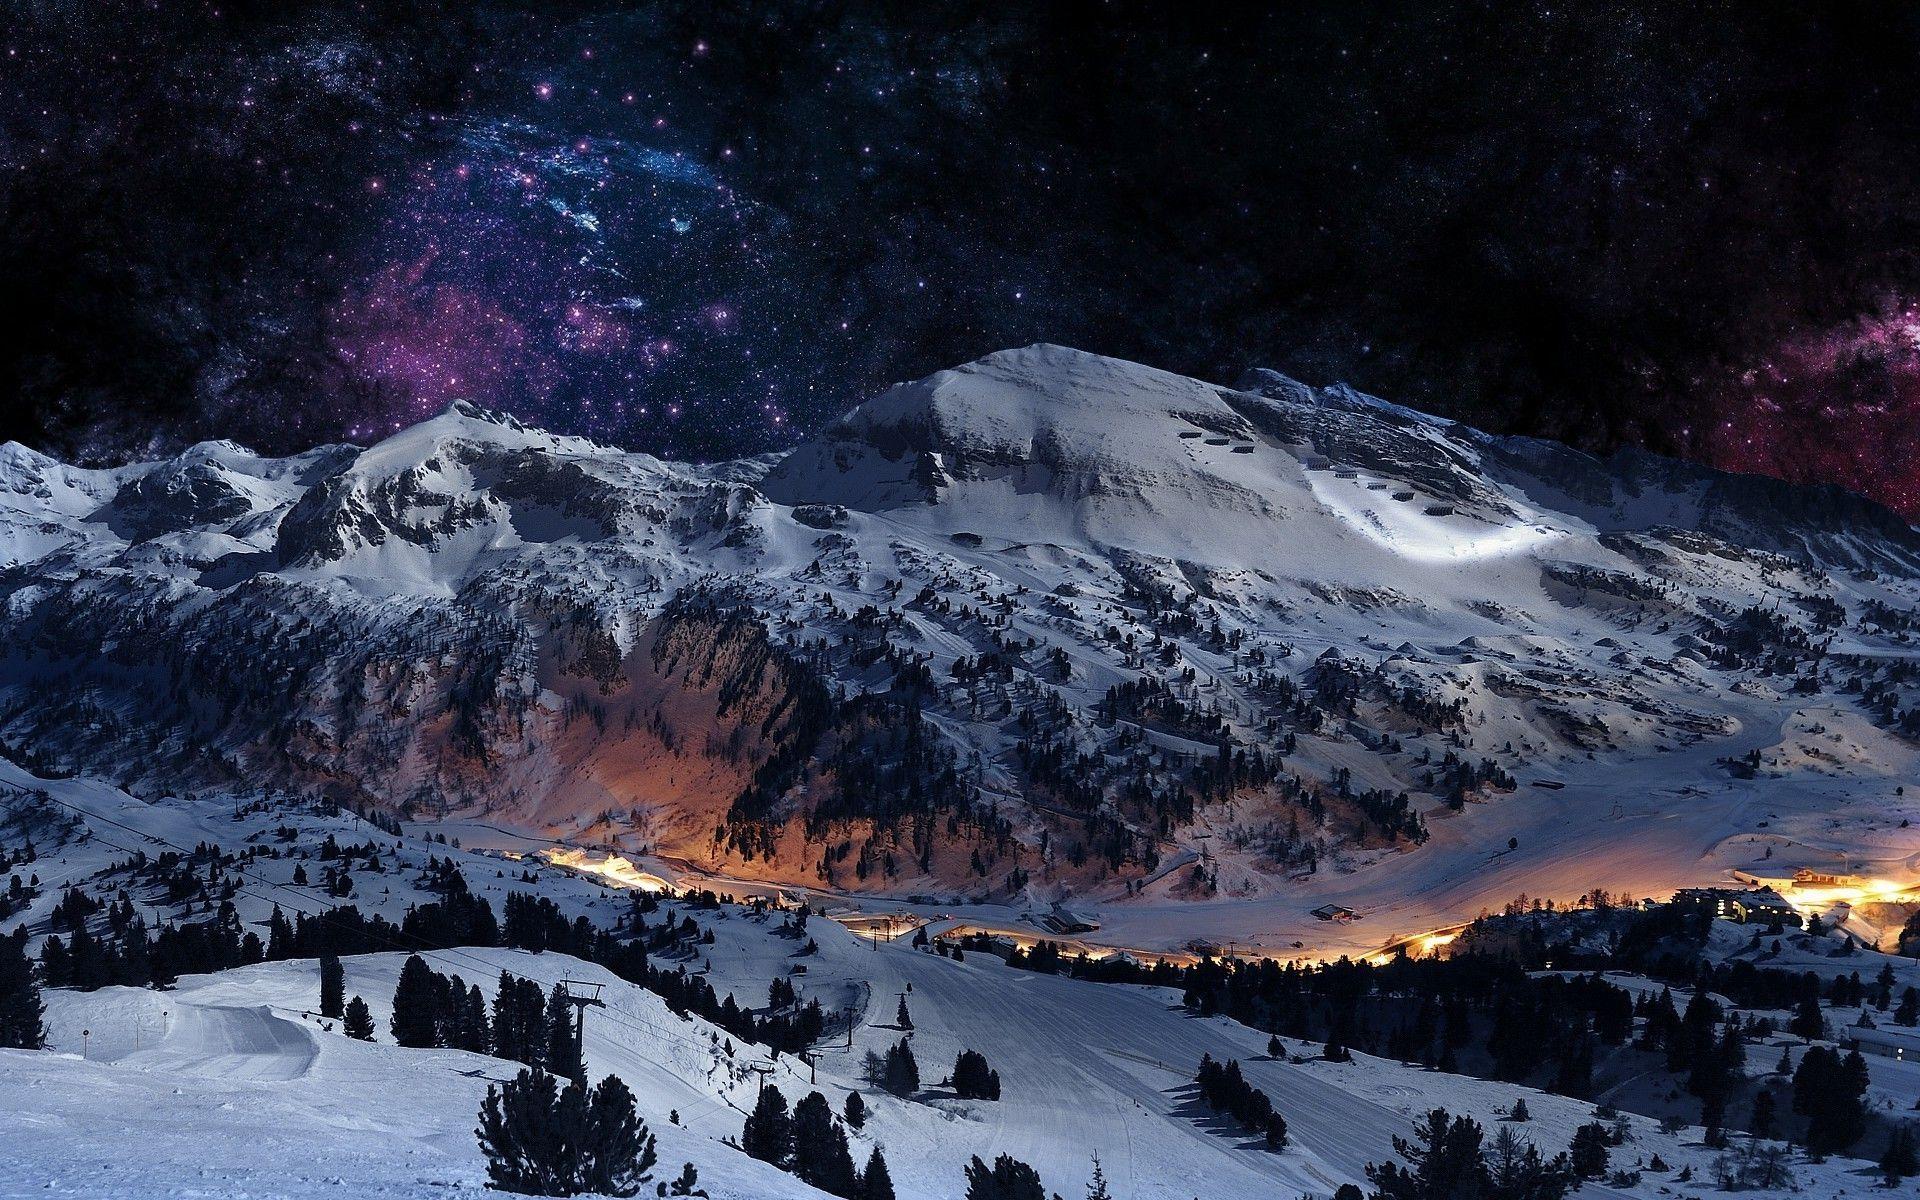 Ski Mountain Wallpapers   Top Ski Mountain Backgrounds 1920x1200